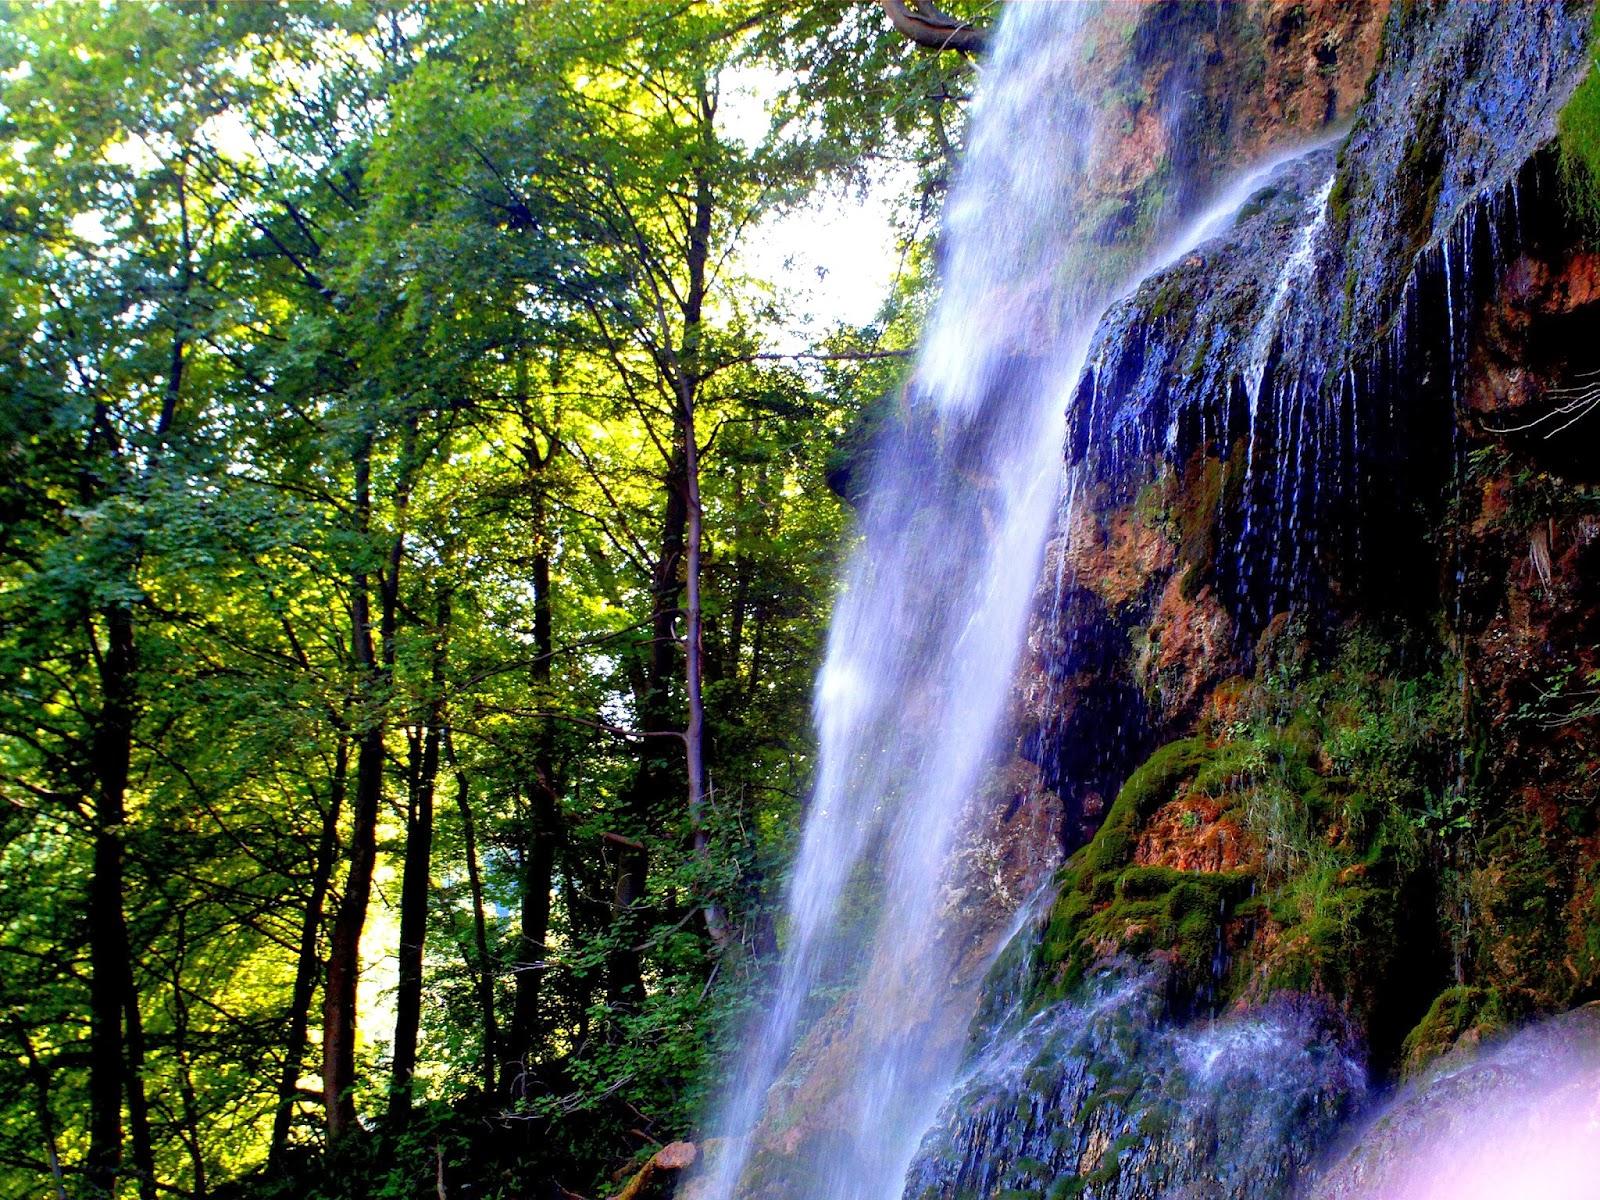 Ausflugstipss: Uracher Wasserfall